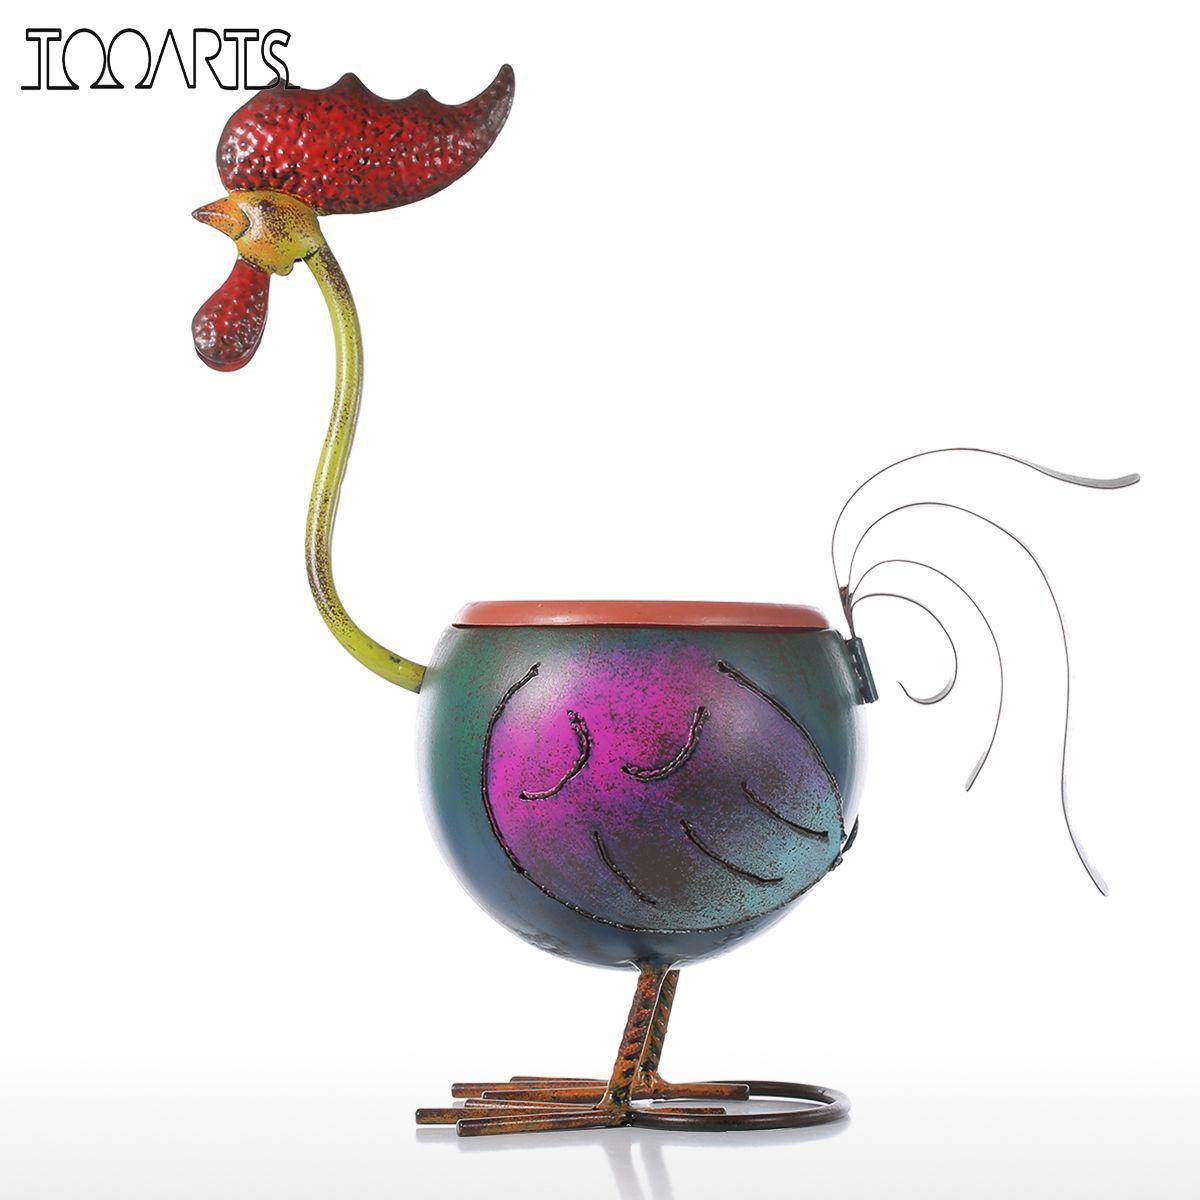 Tooarts Coq Pot De Fleur Jardin Fower Pots En Plastique Décoration Cadeau plante en pot Décoration de La Maison Mini Pot En Métal Multicolore